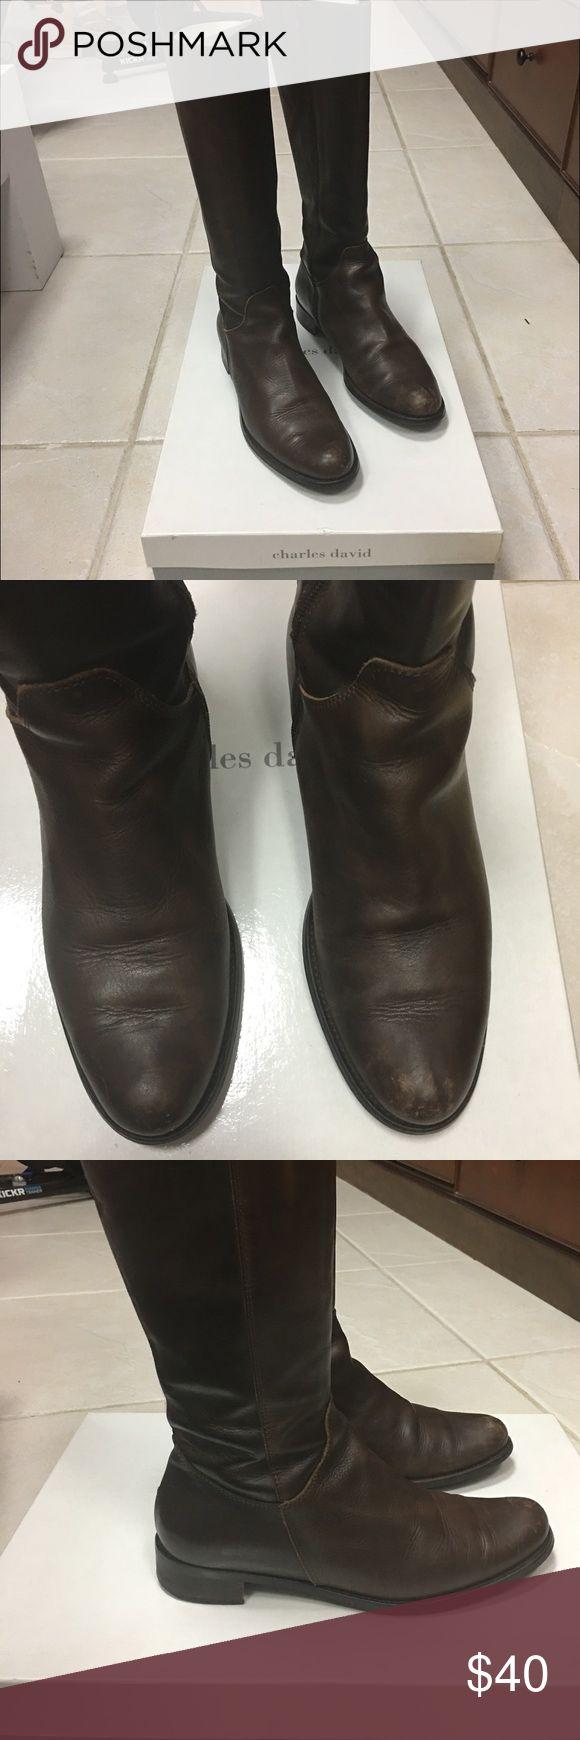 CHARLES DAVID - BOOTS CHARLES DAVID BROWN BOAOTS Charles David Shoes Winter & Rain Boots